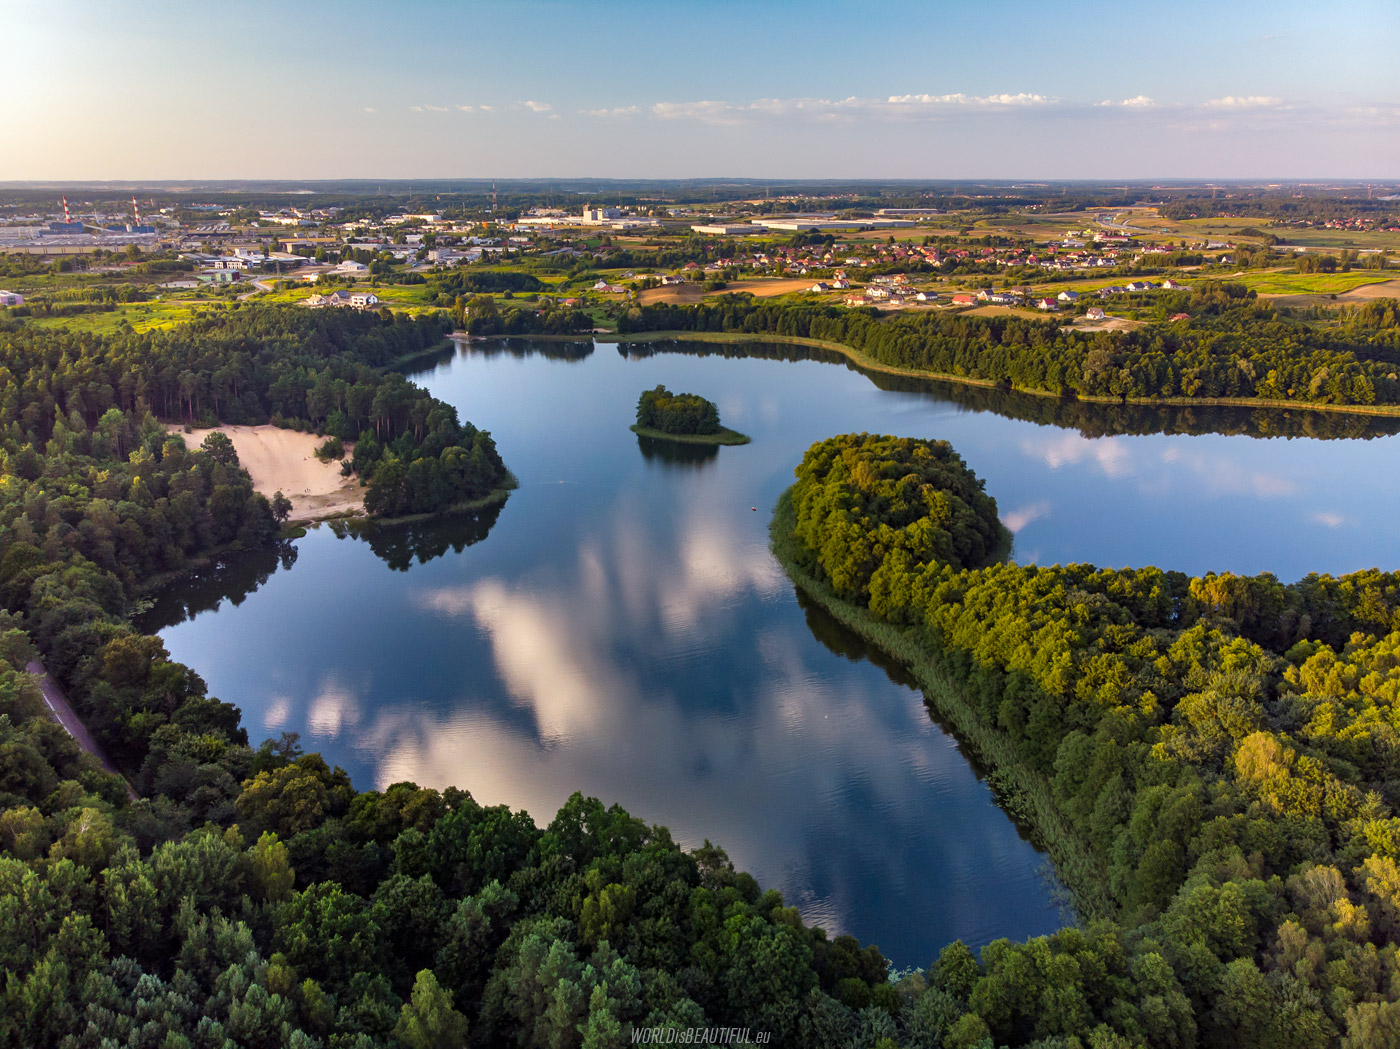 Skanda Lake